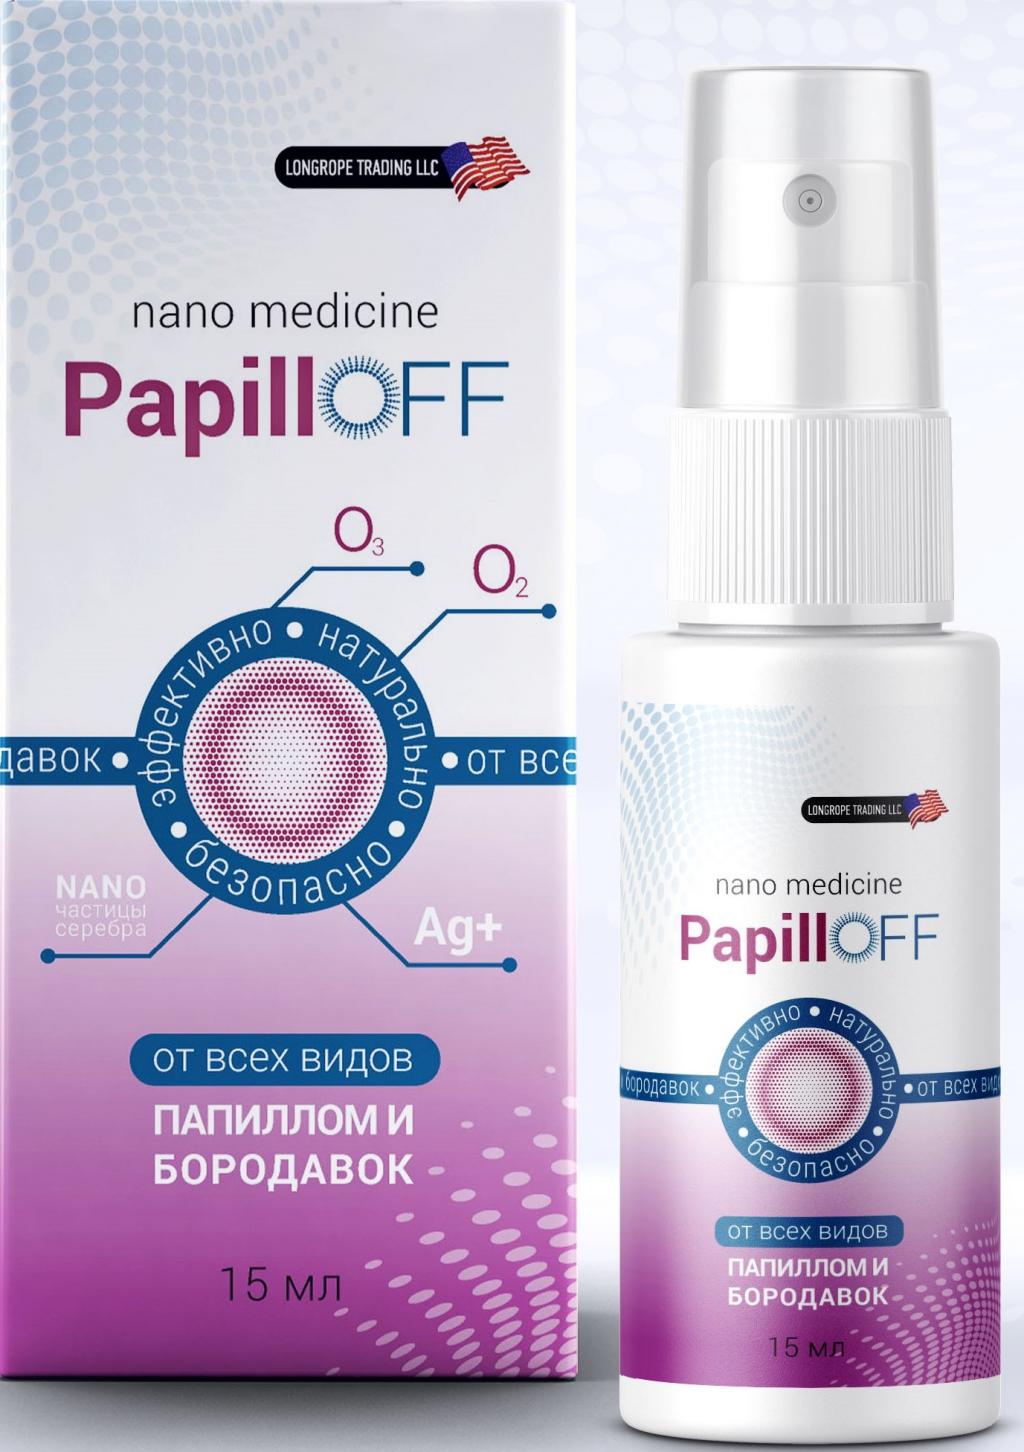 PapillOFF от папиллом и бородавок в Таганроге